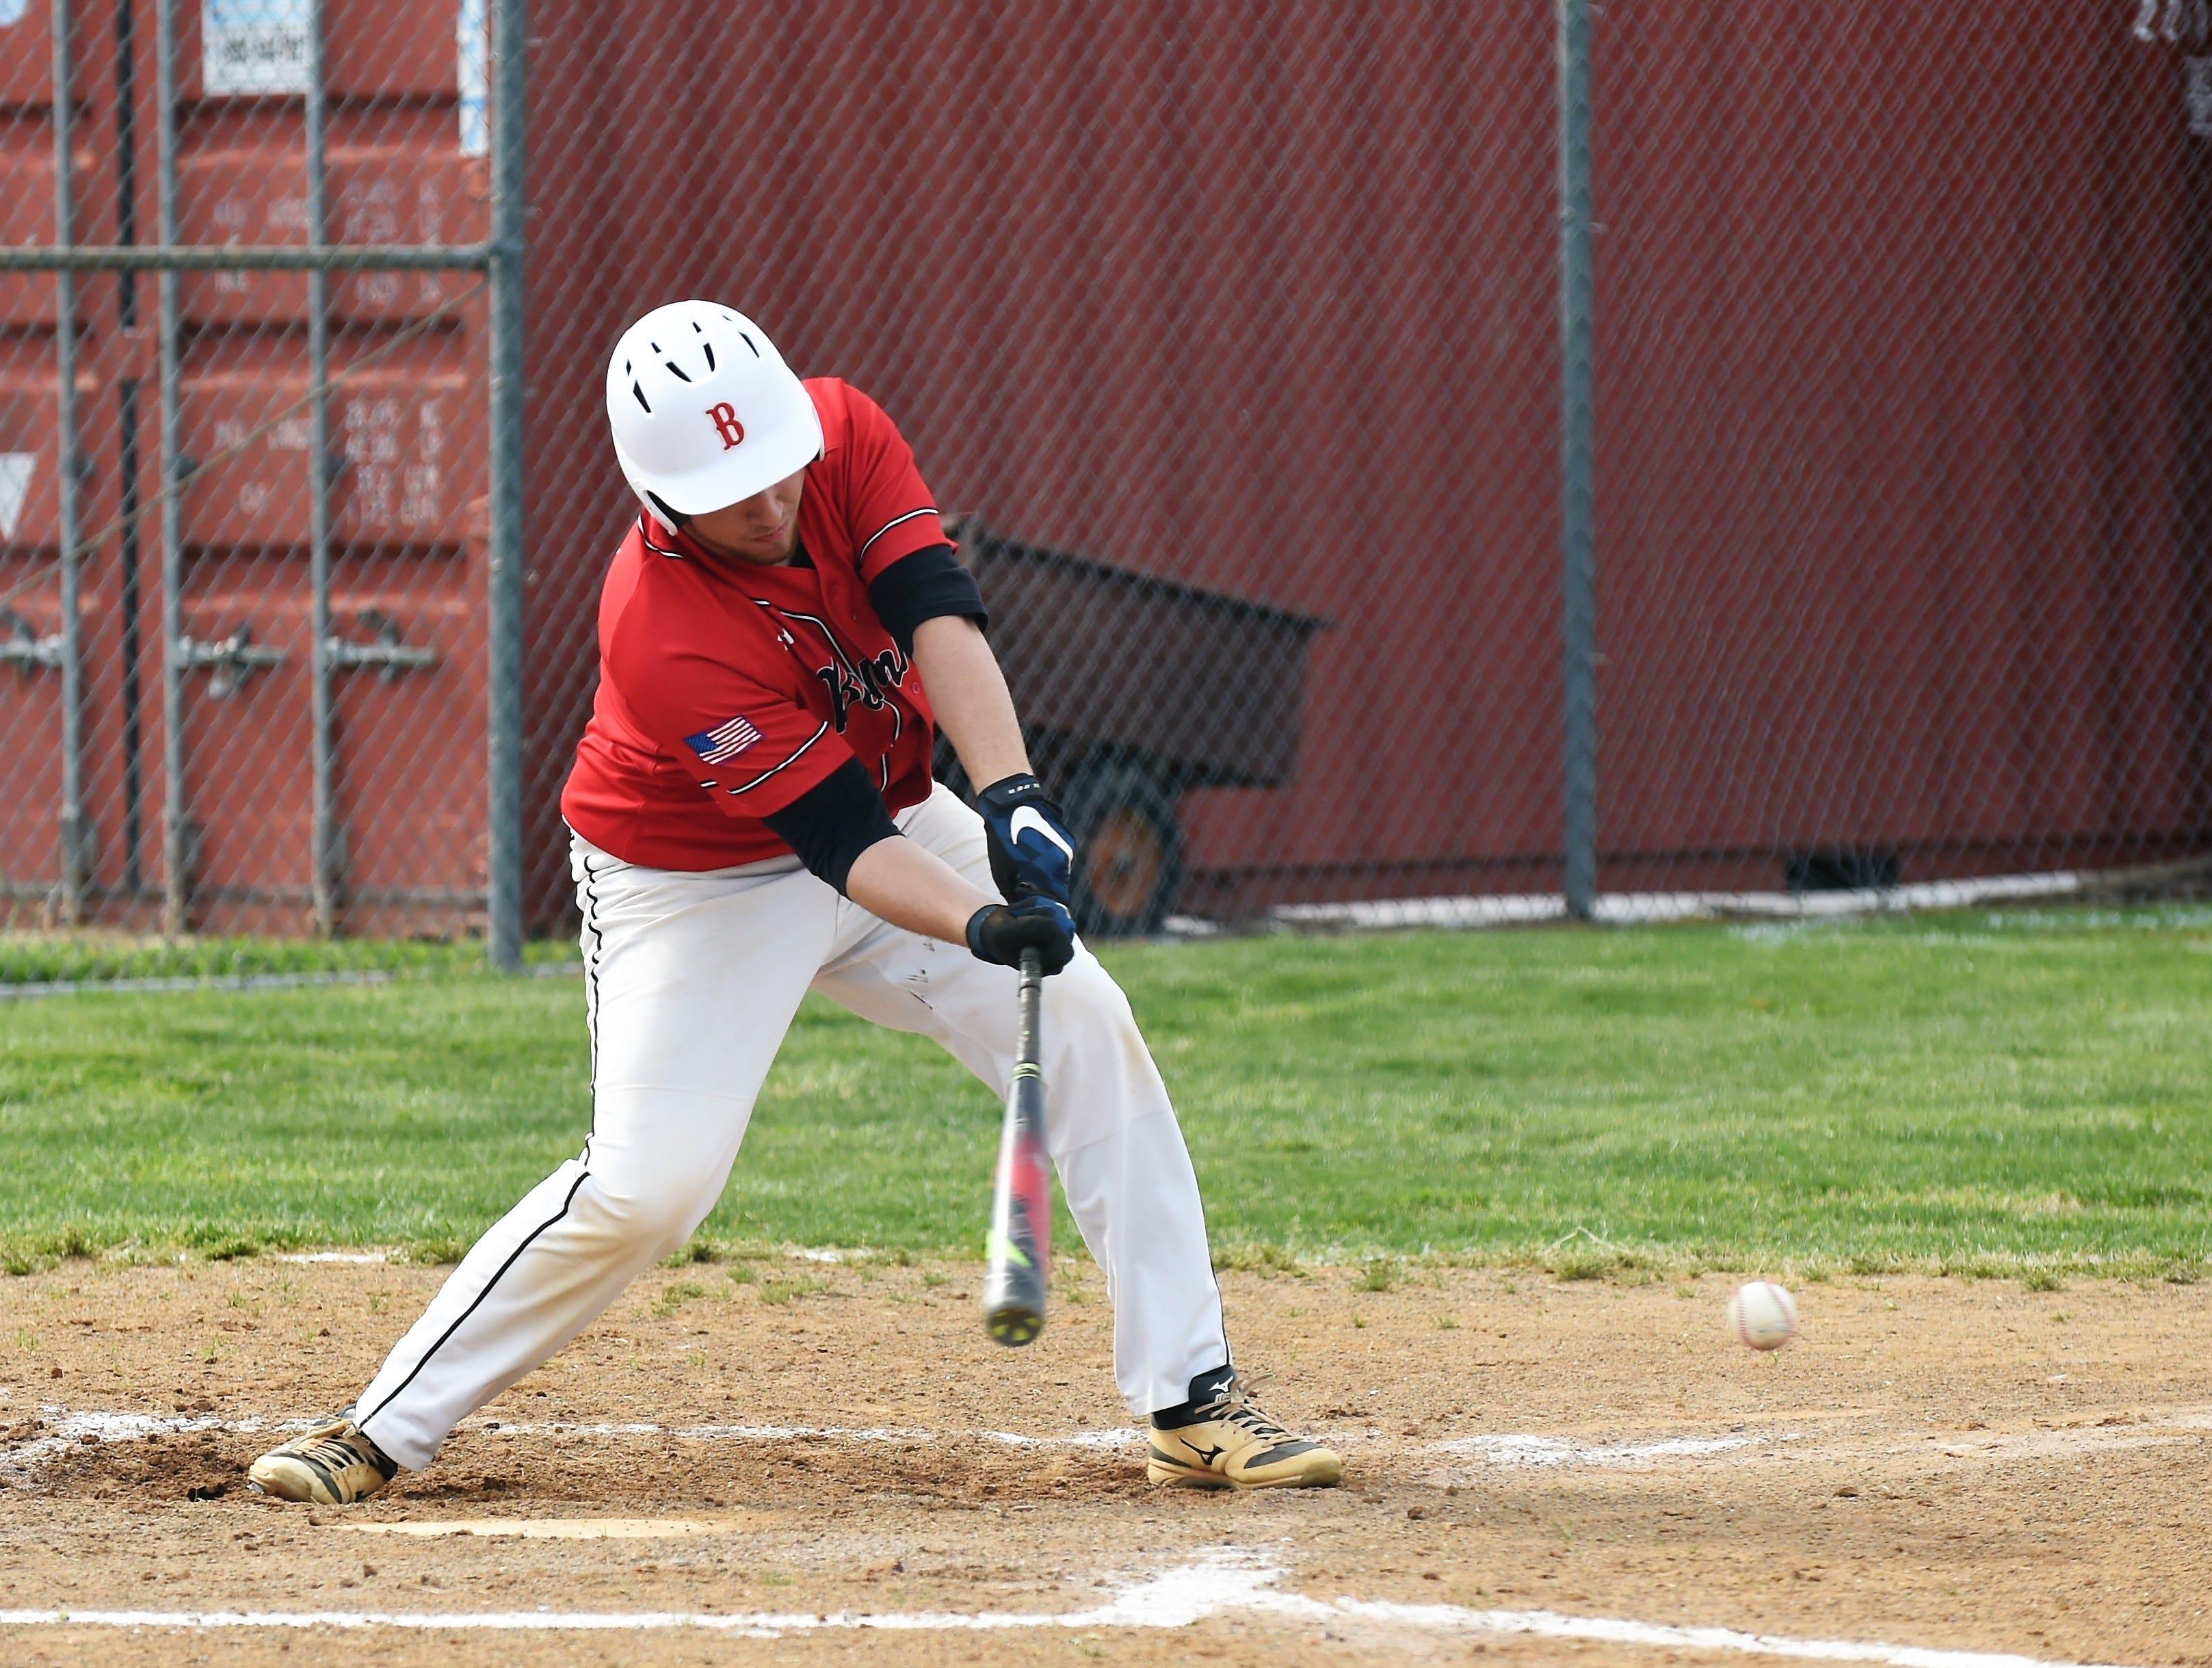 James M. Bennett third baseman Brett Swift swings the bat against Washington on Thursday, April 11, 2019. JMB won, 13-2.